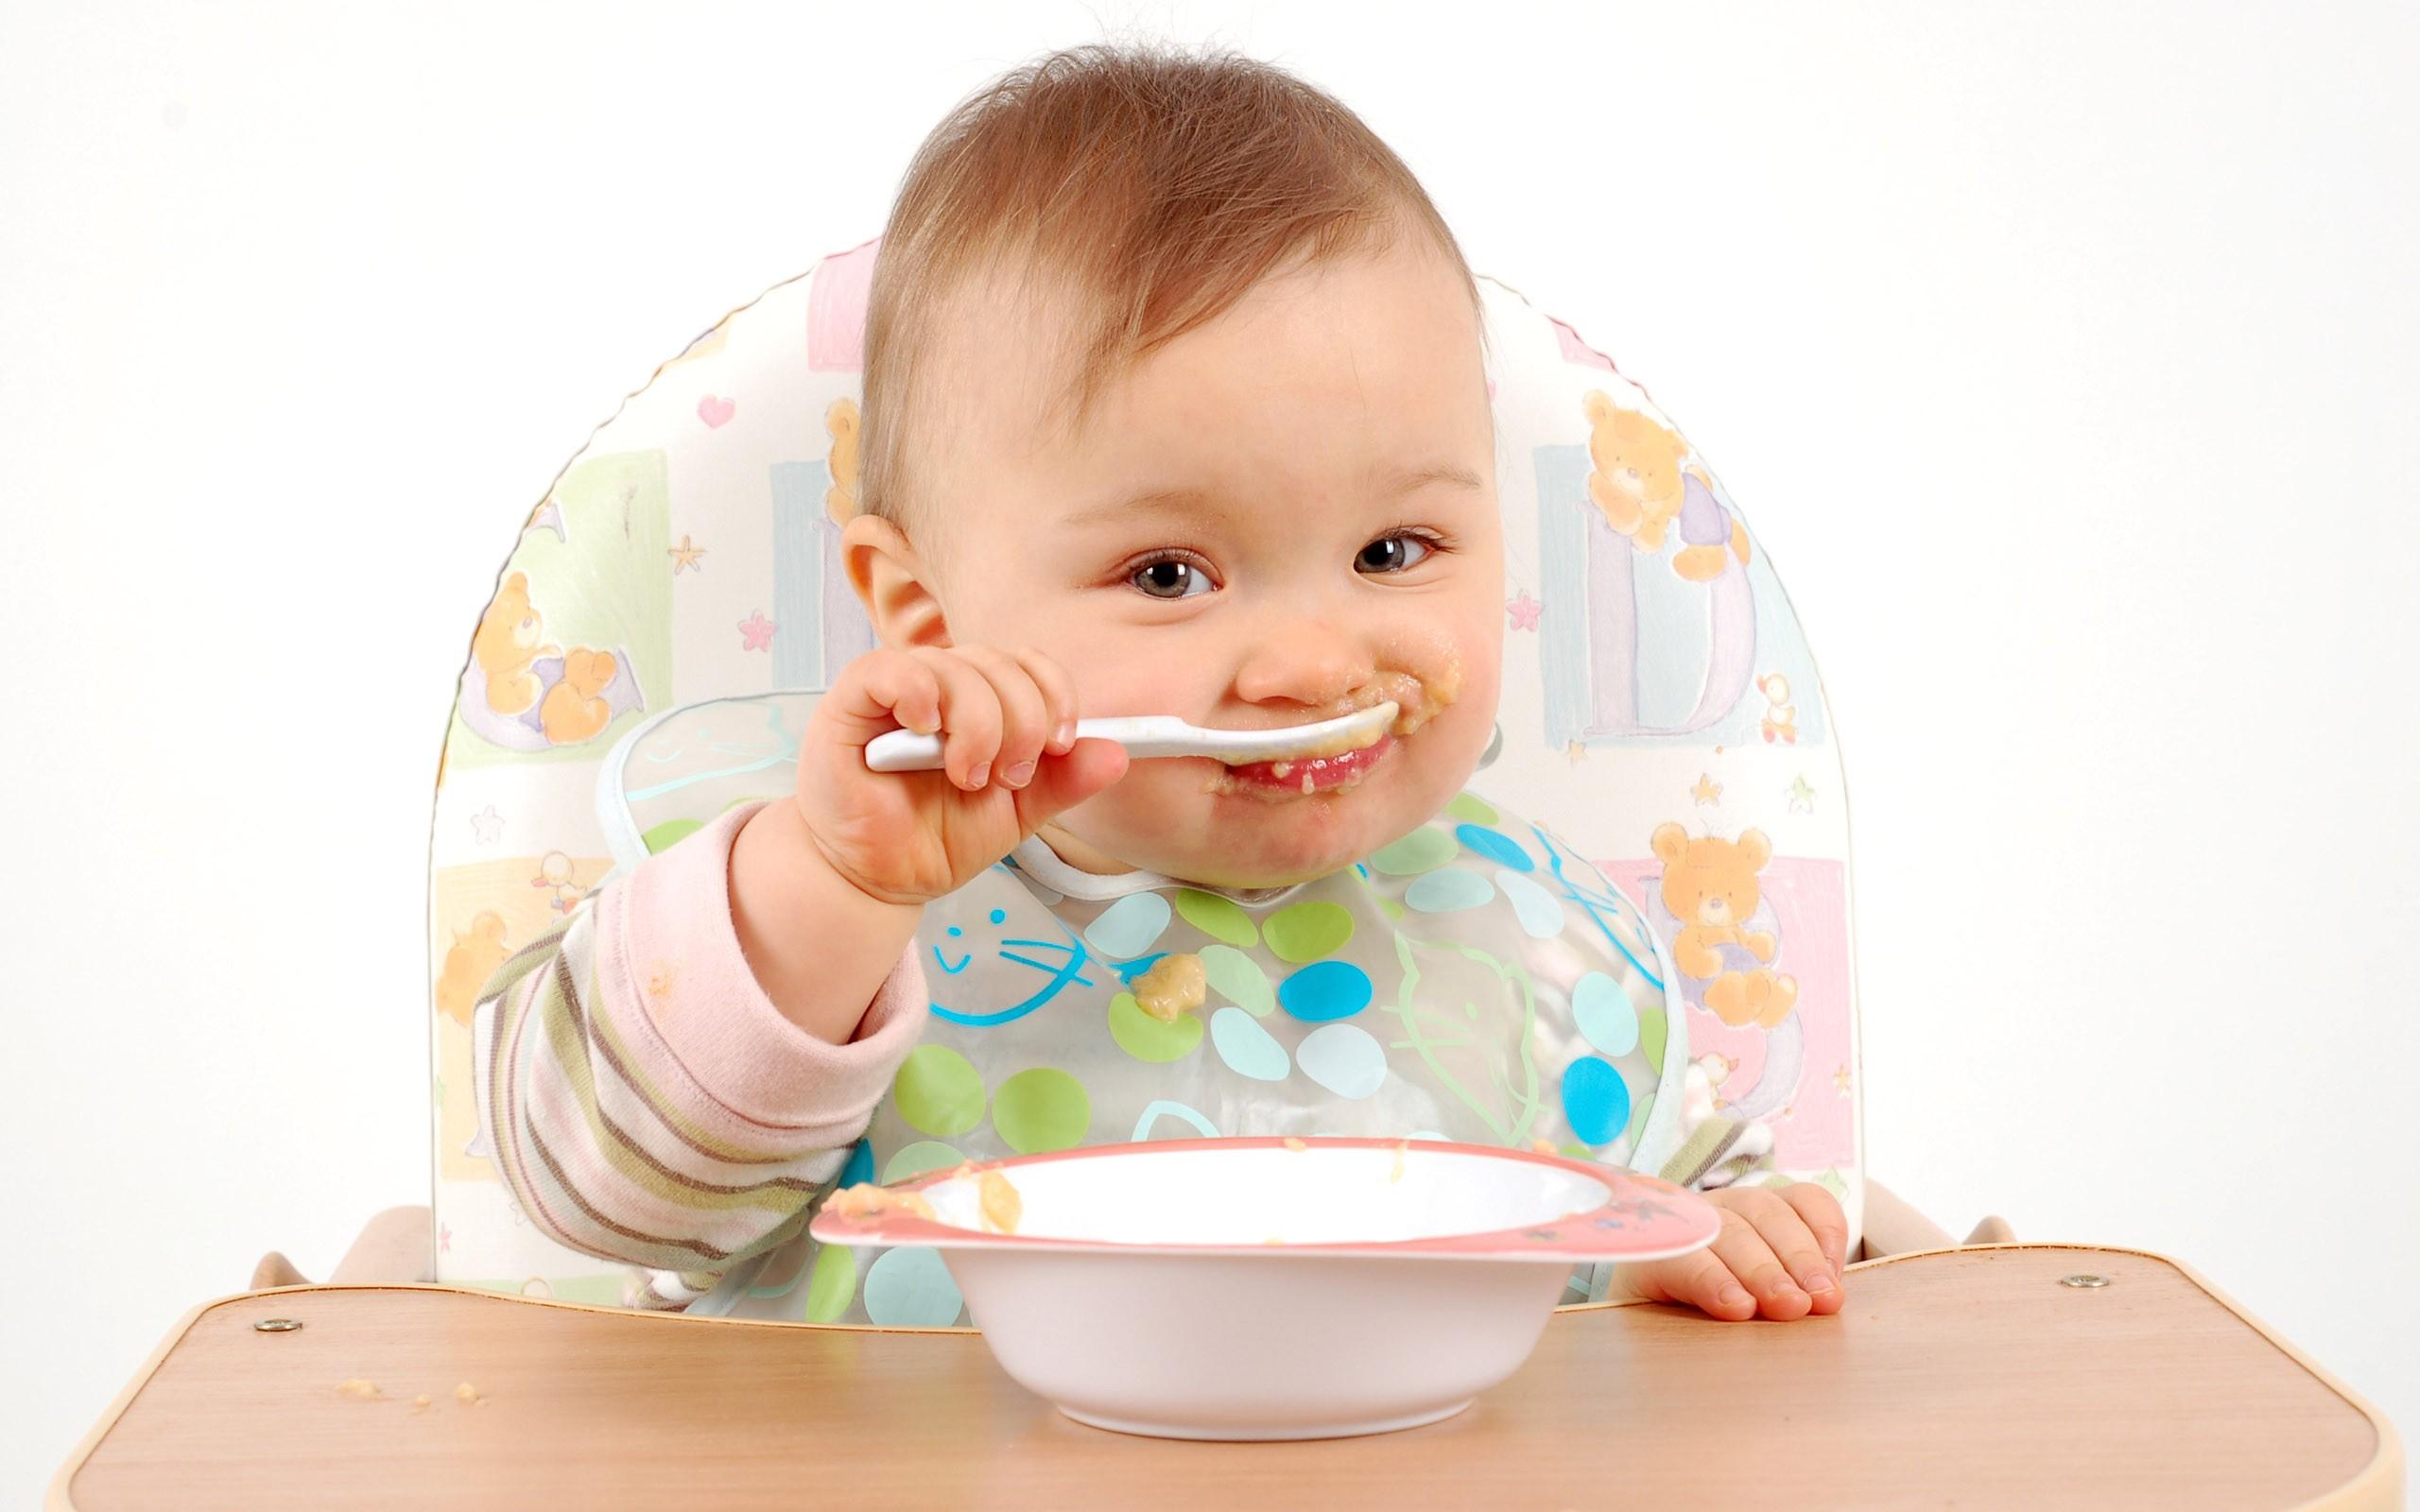 Bebeğin Sağlığı İçin Hangi Besinleri Vermeli